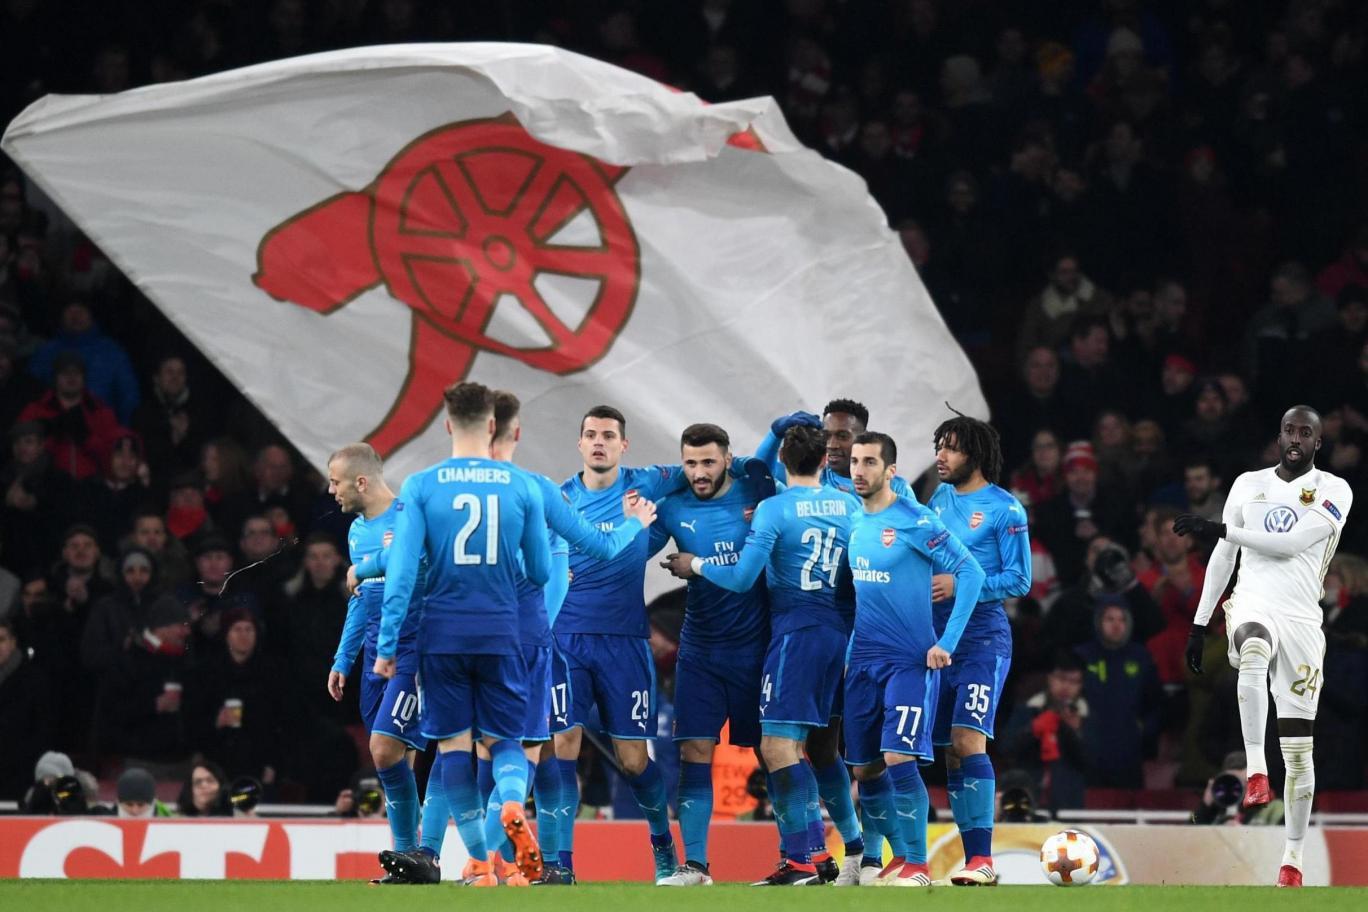 Hình ảnh: Arsenal sẽ phải gượng dậy thật nhanh sau thất bại ở CK Liên đoàn Anh